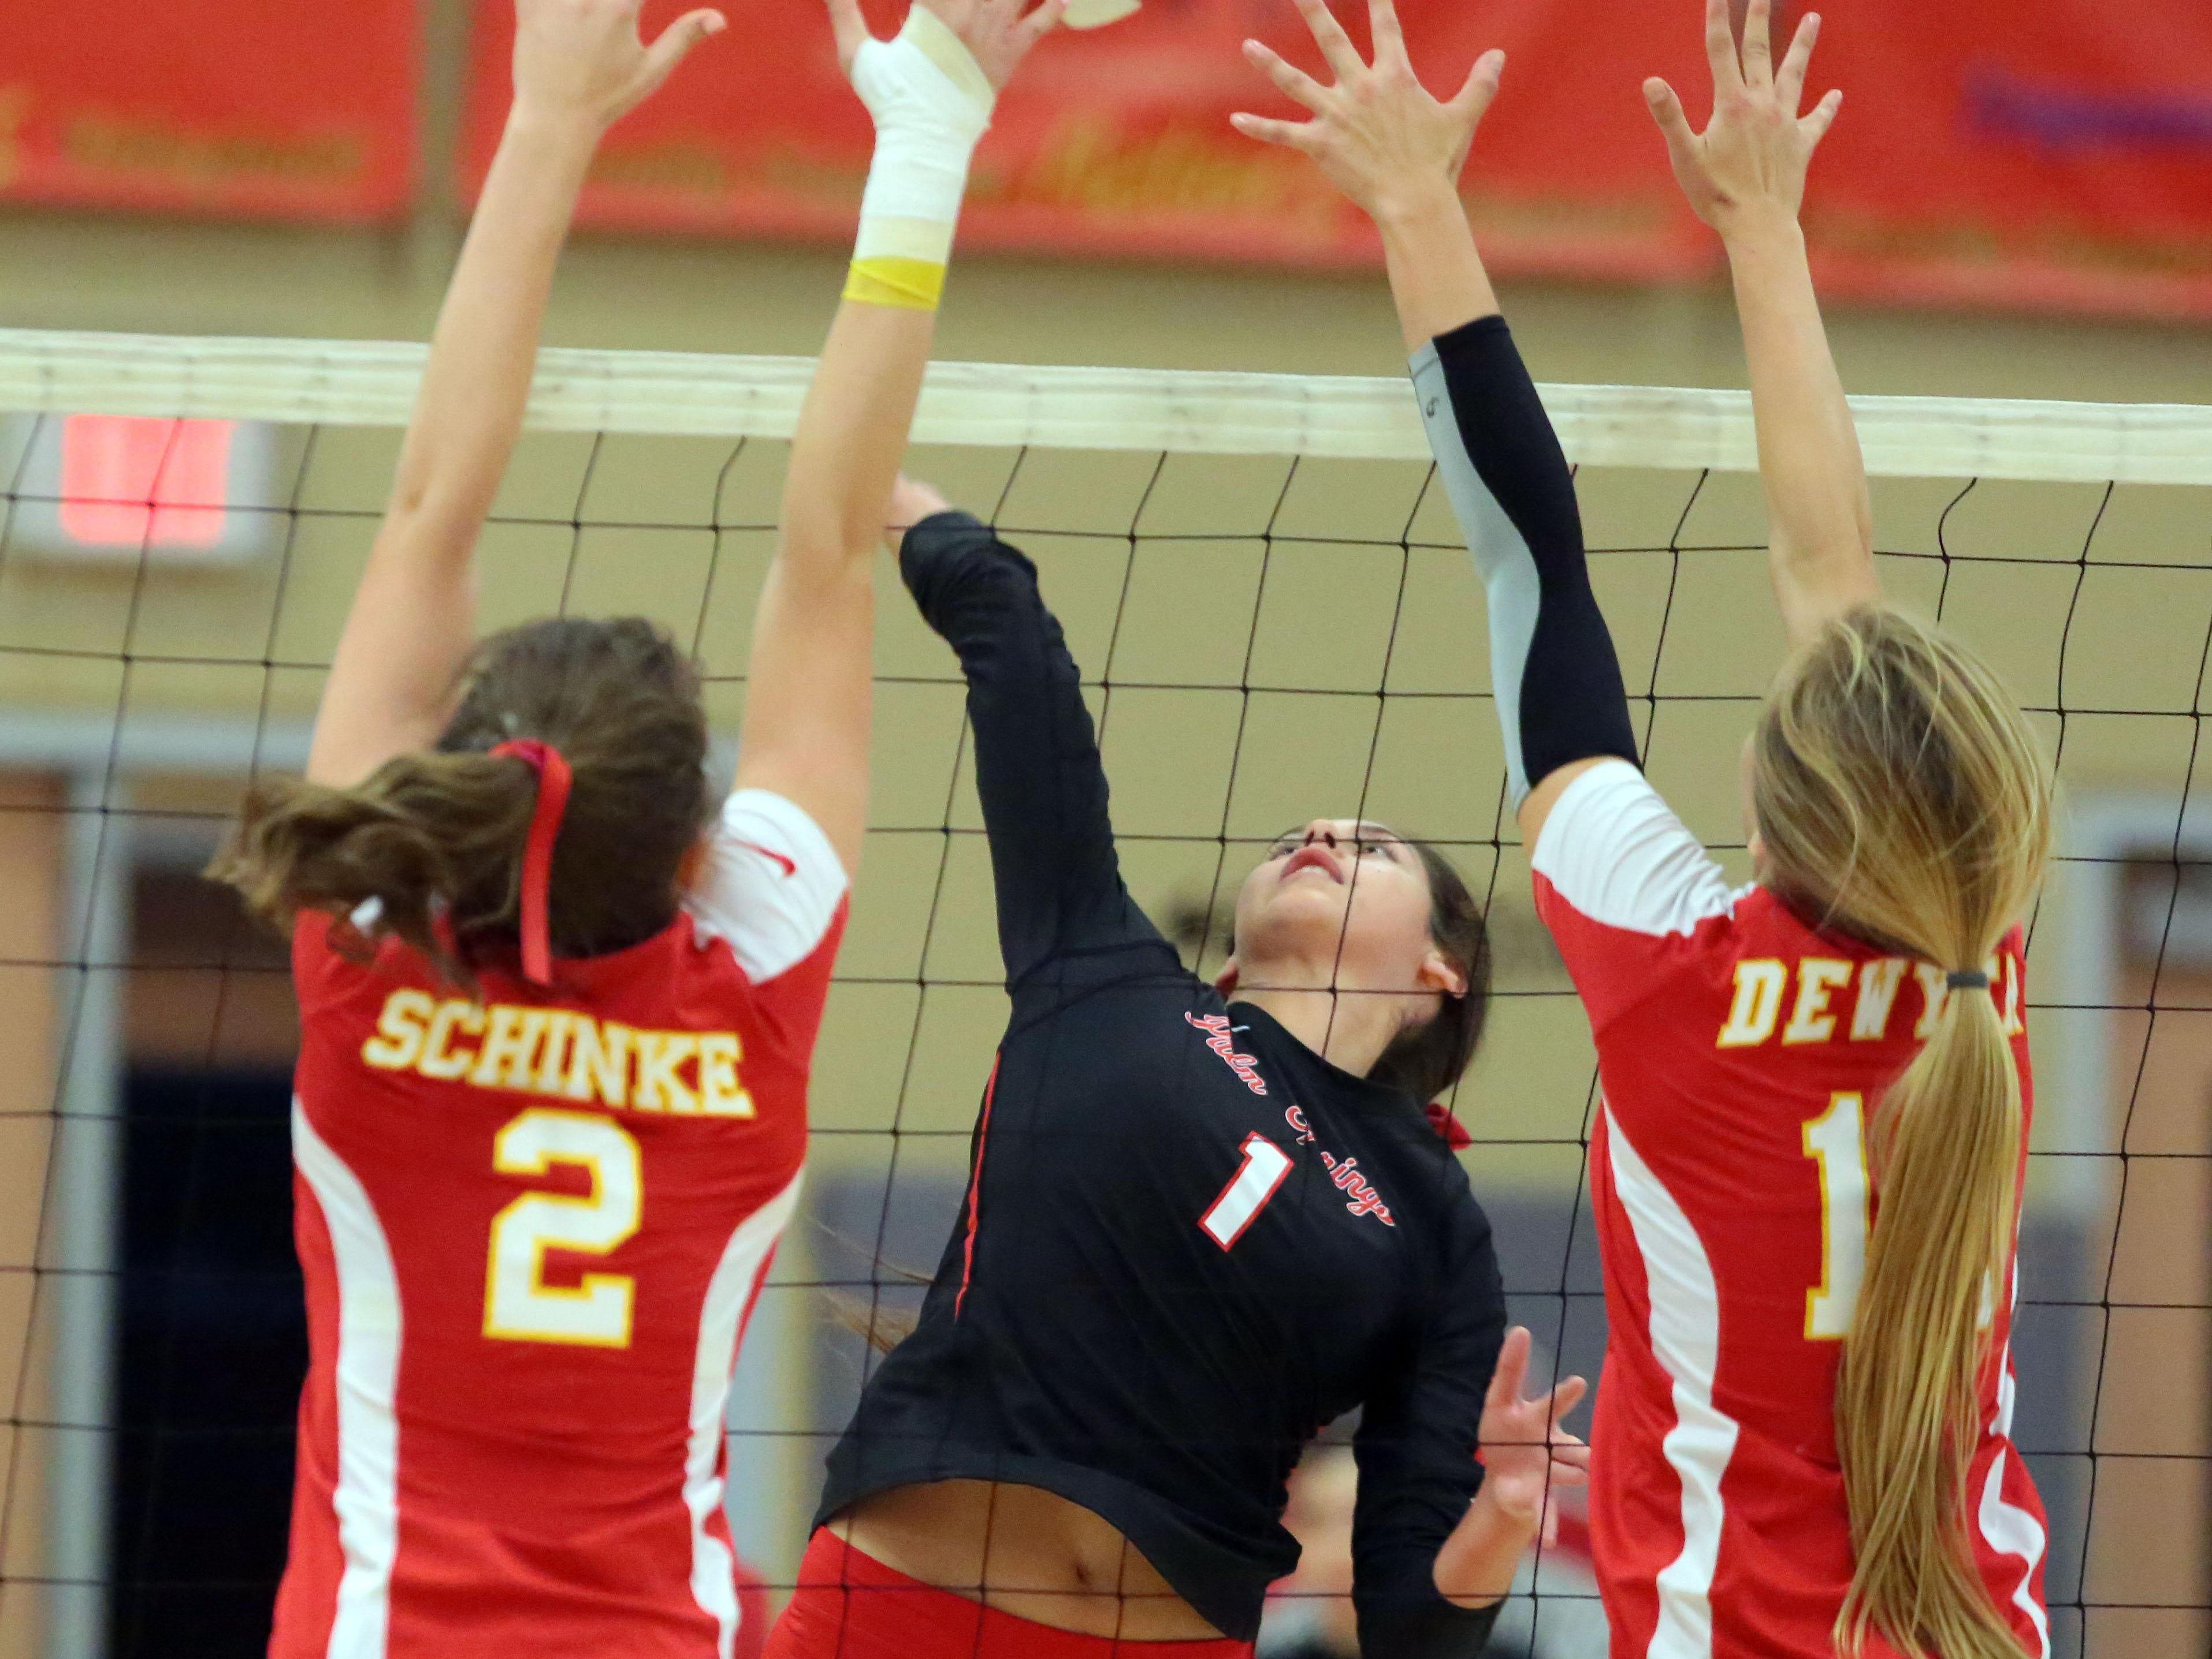 Palm Springs' Elena Eckhardt spikes the ball against Palm Desert on Thursday in Palm Desert.